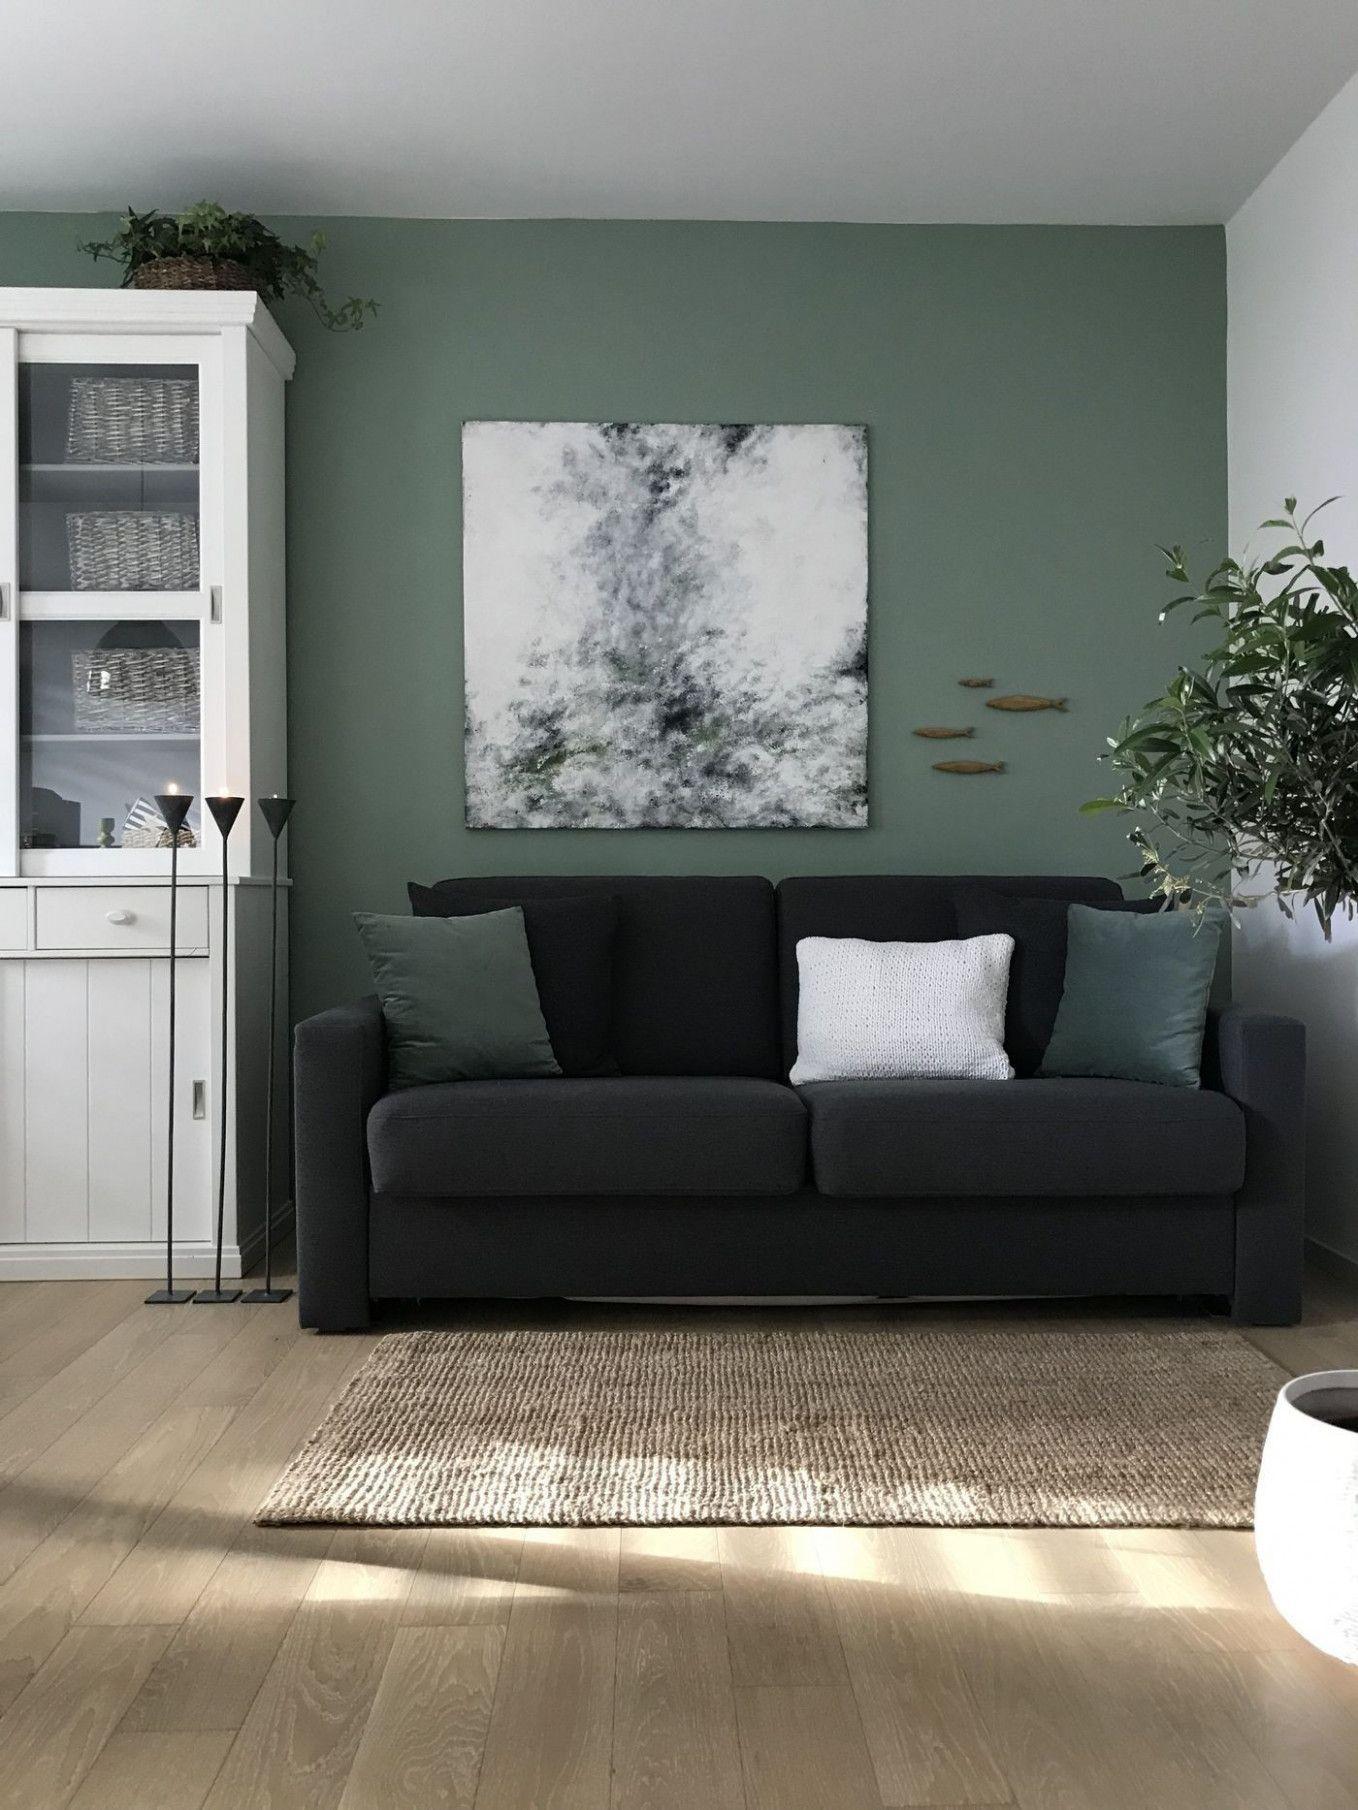 Wohnzimmermöbel Grün - Wohnzimmermöbel Grün Wie werden wir in